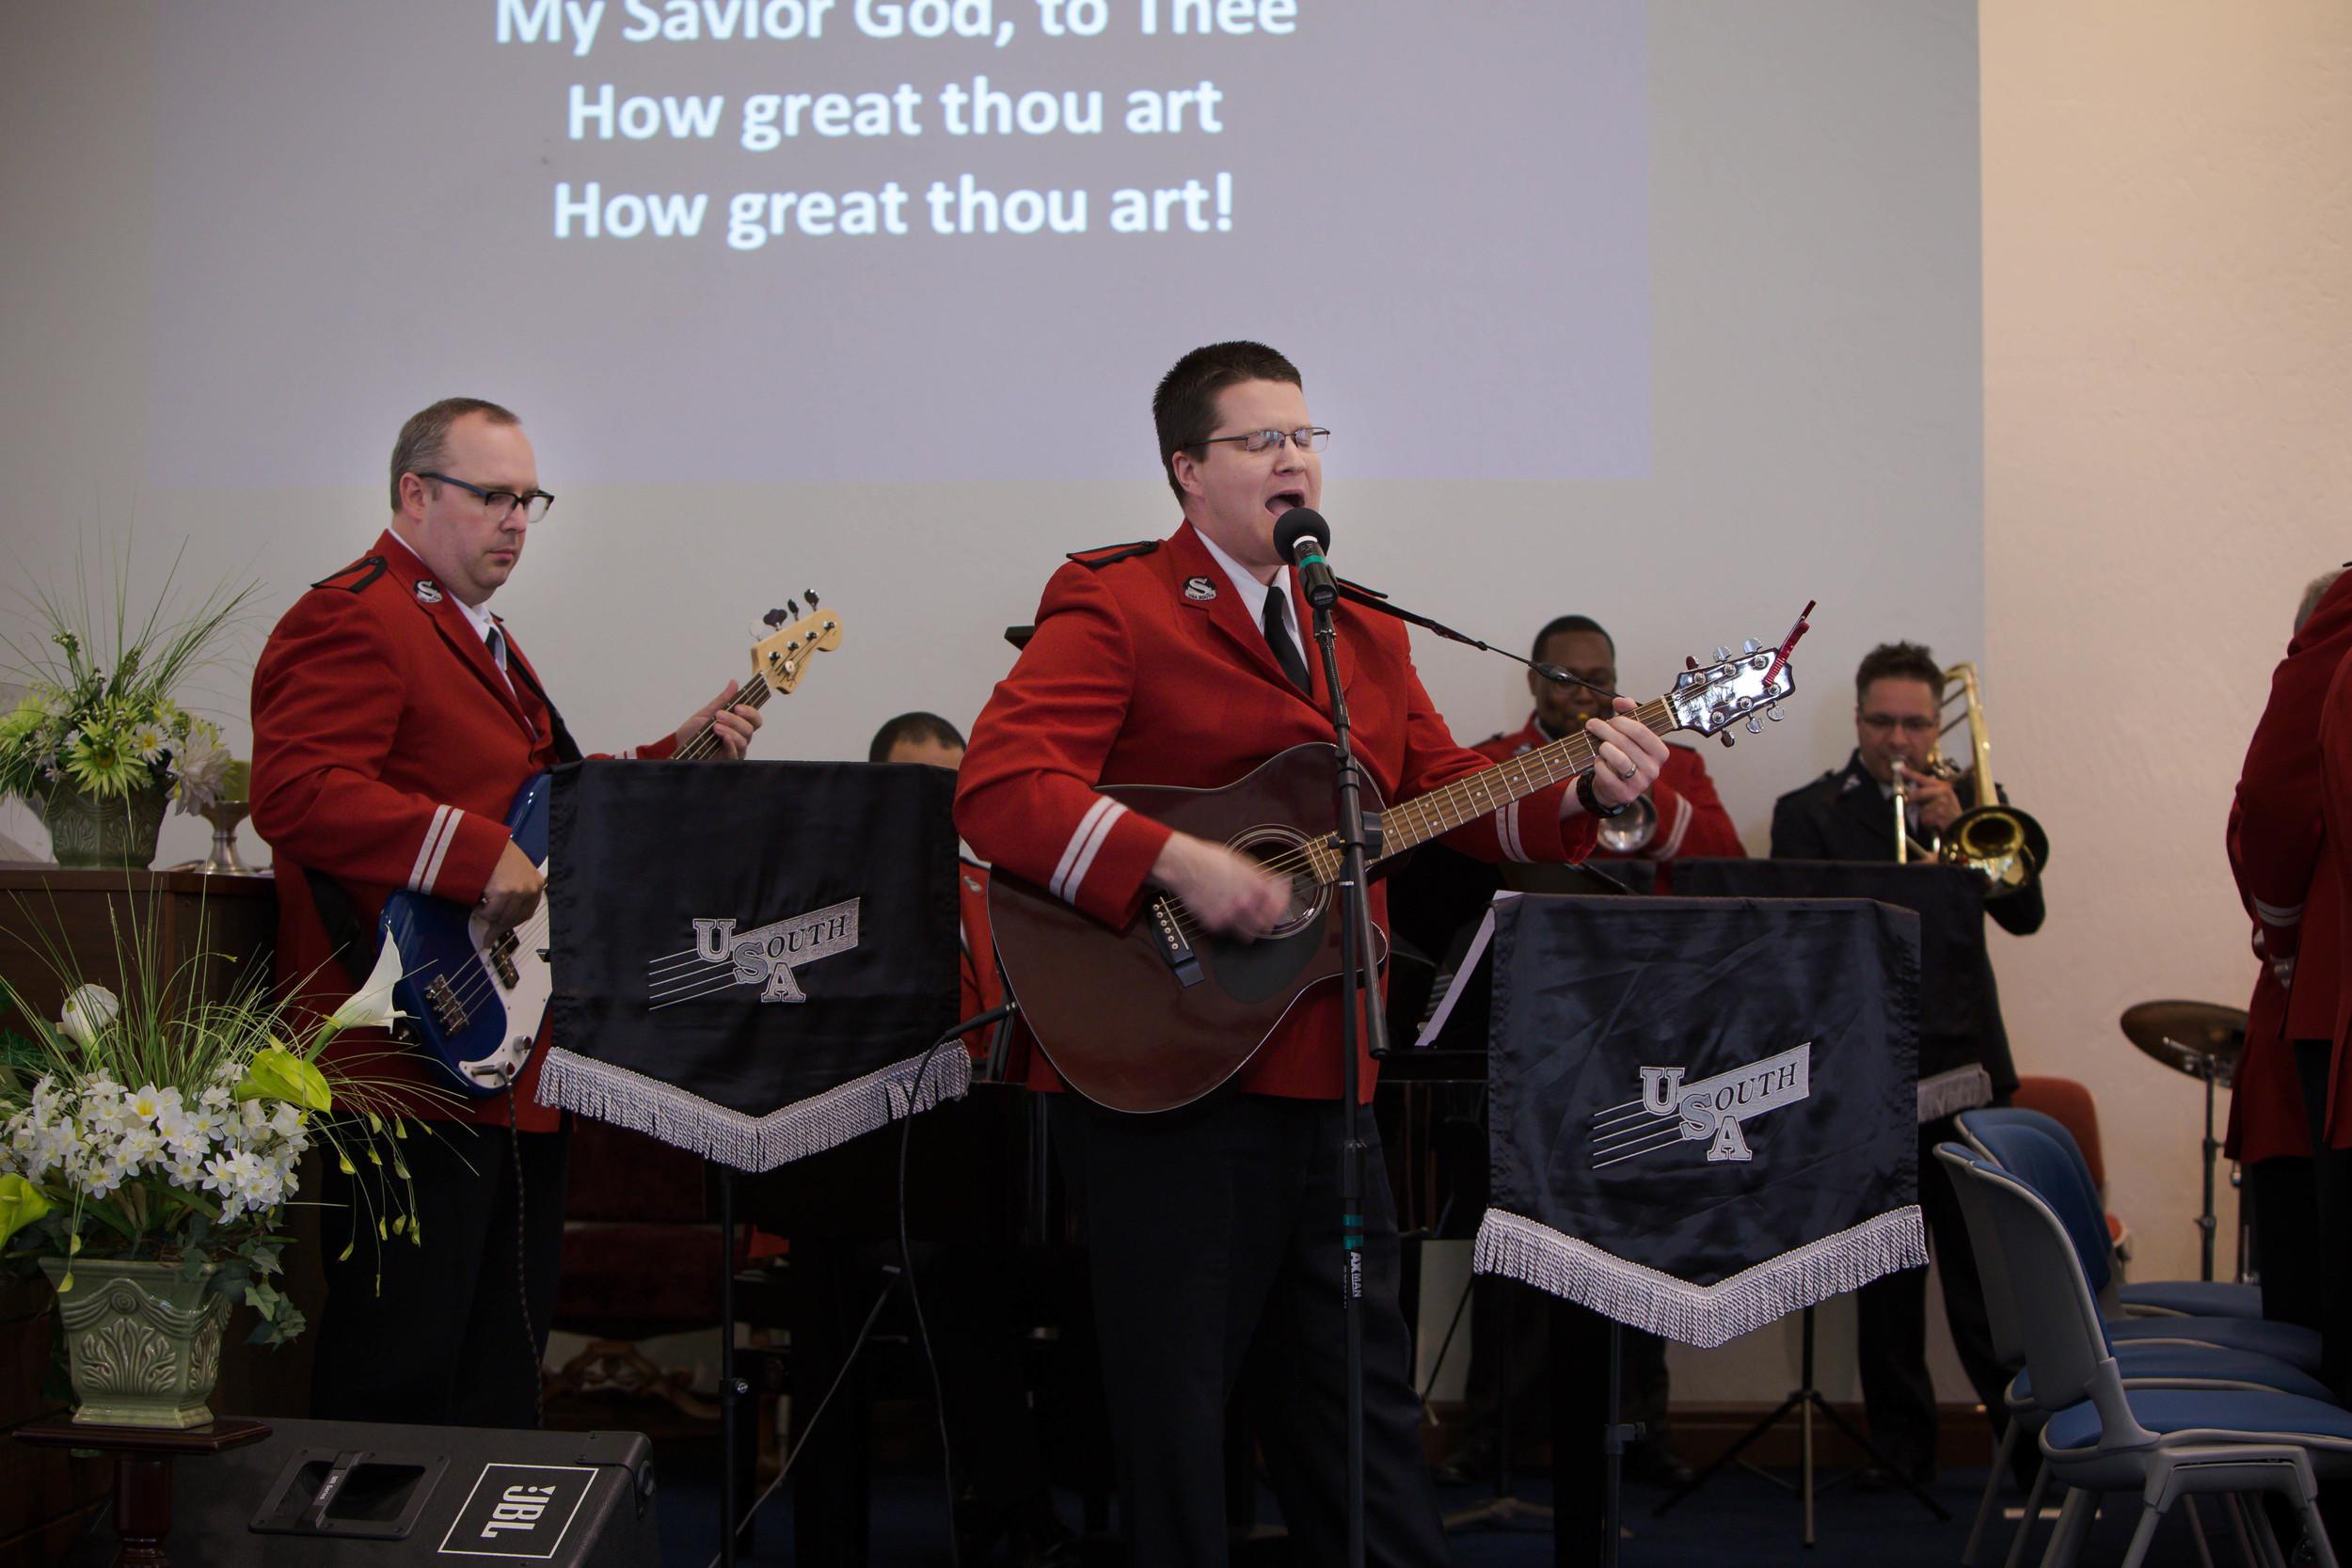 Territorial band praise team